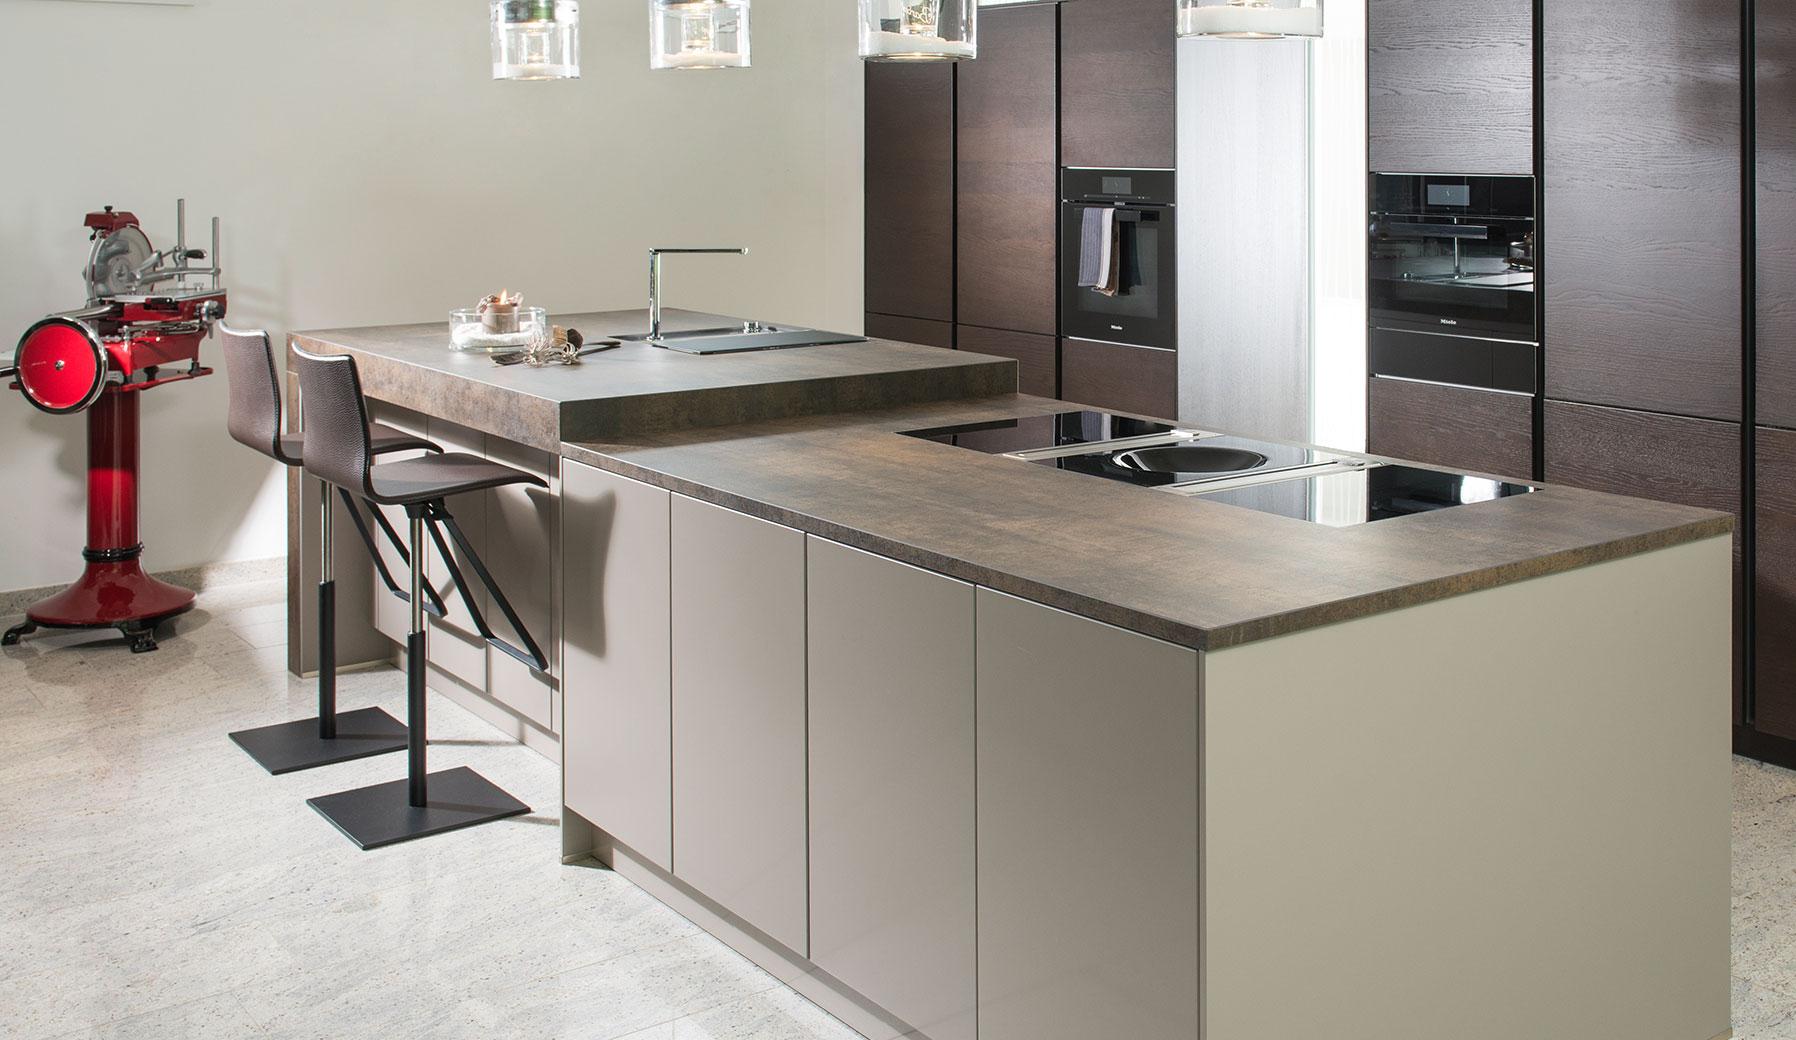 Küchenmöbel in Naturtönen und Taupe   Strasser-Steine